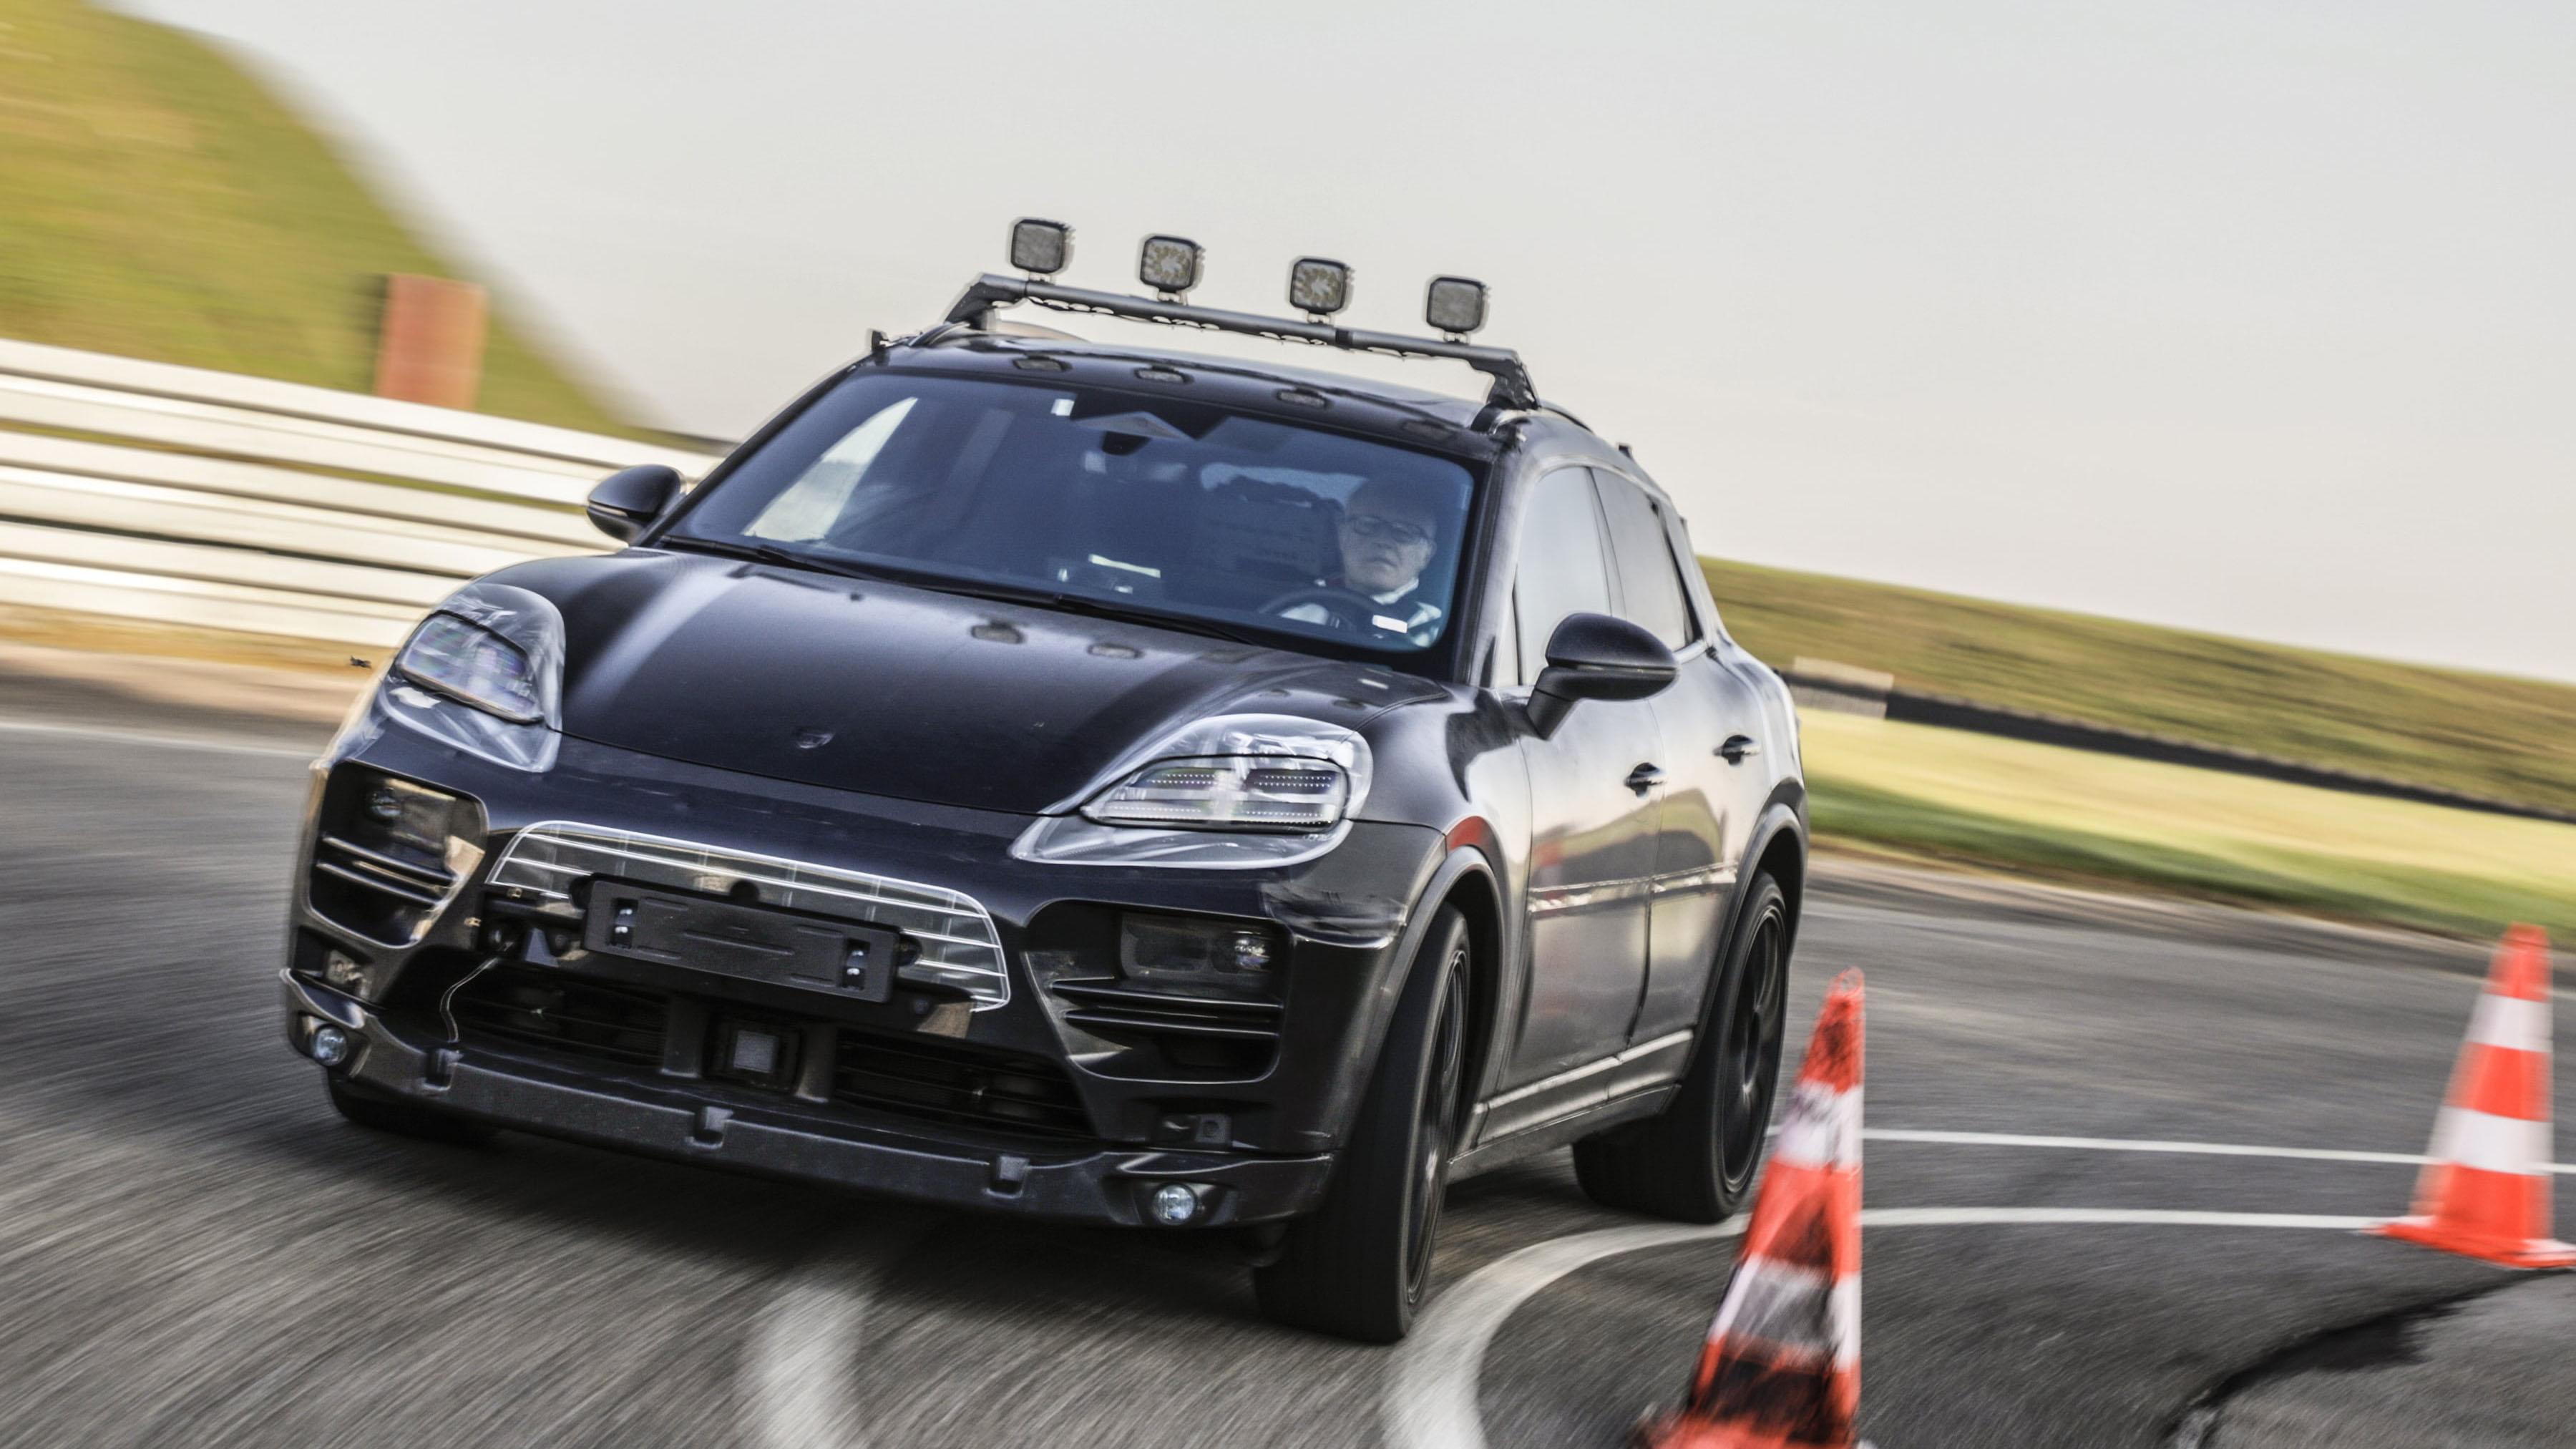 Porsche Macan 2023 年純電化,虛實測試同步進行中